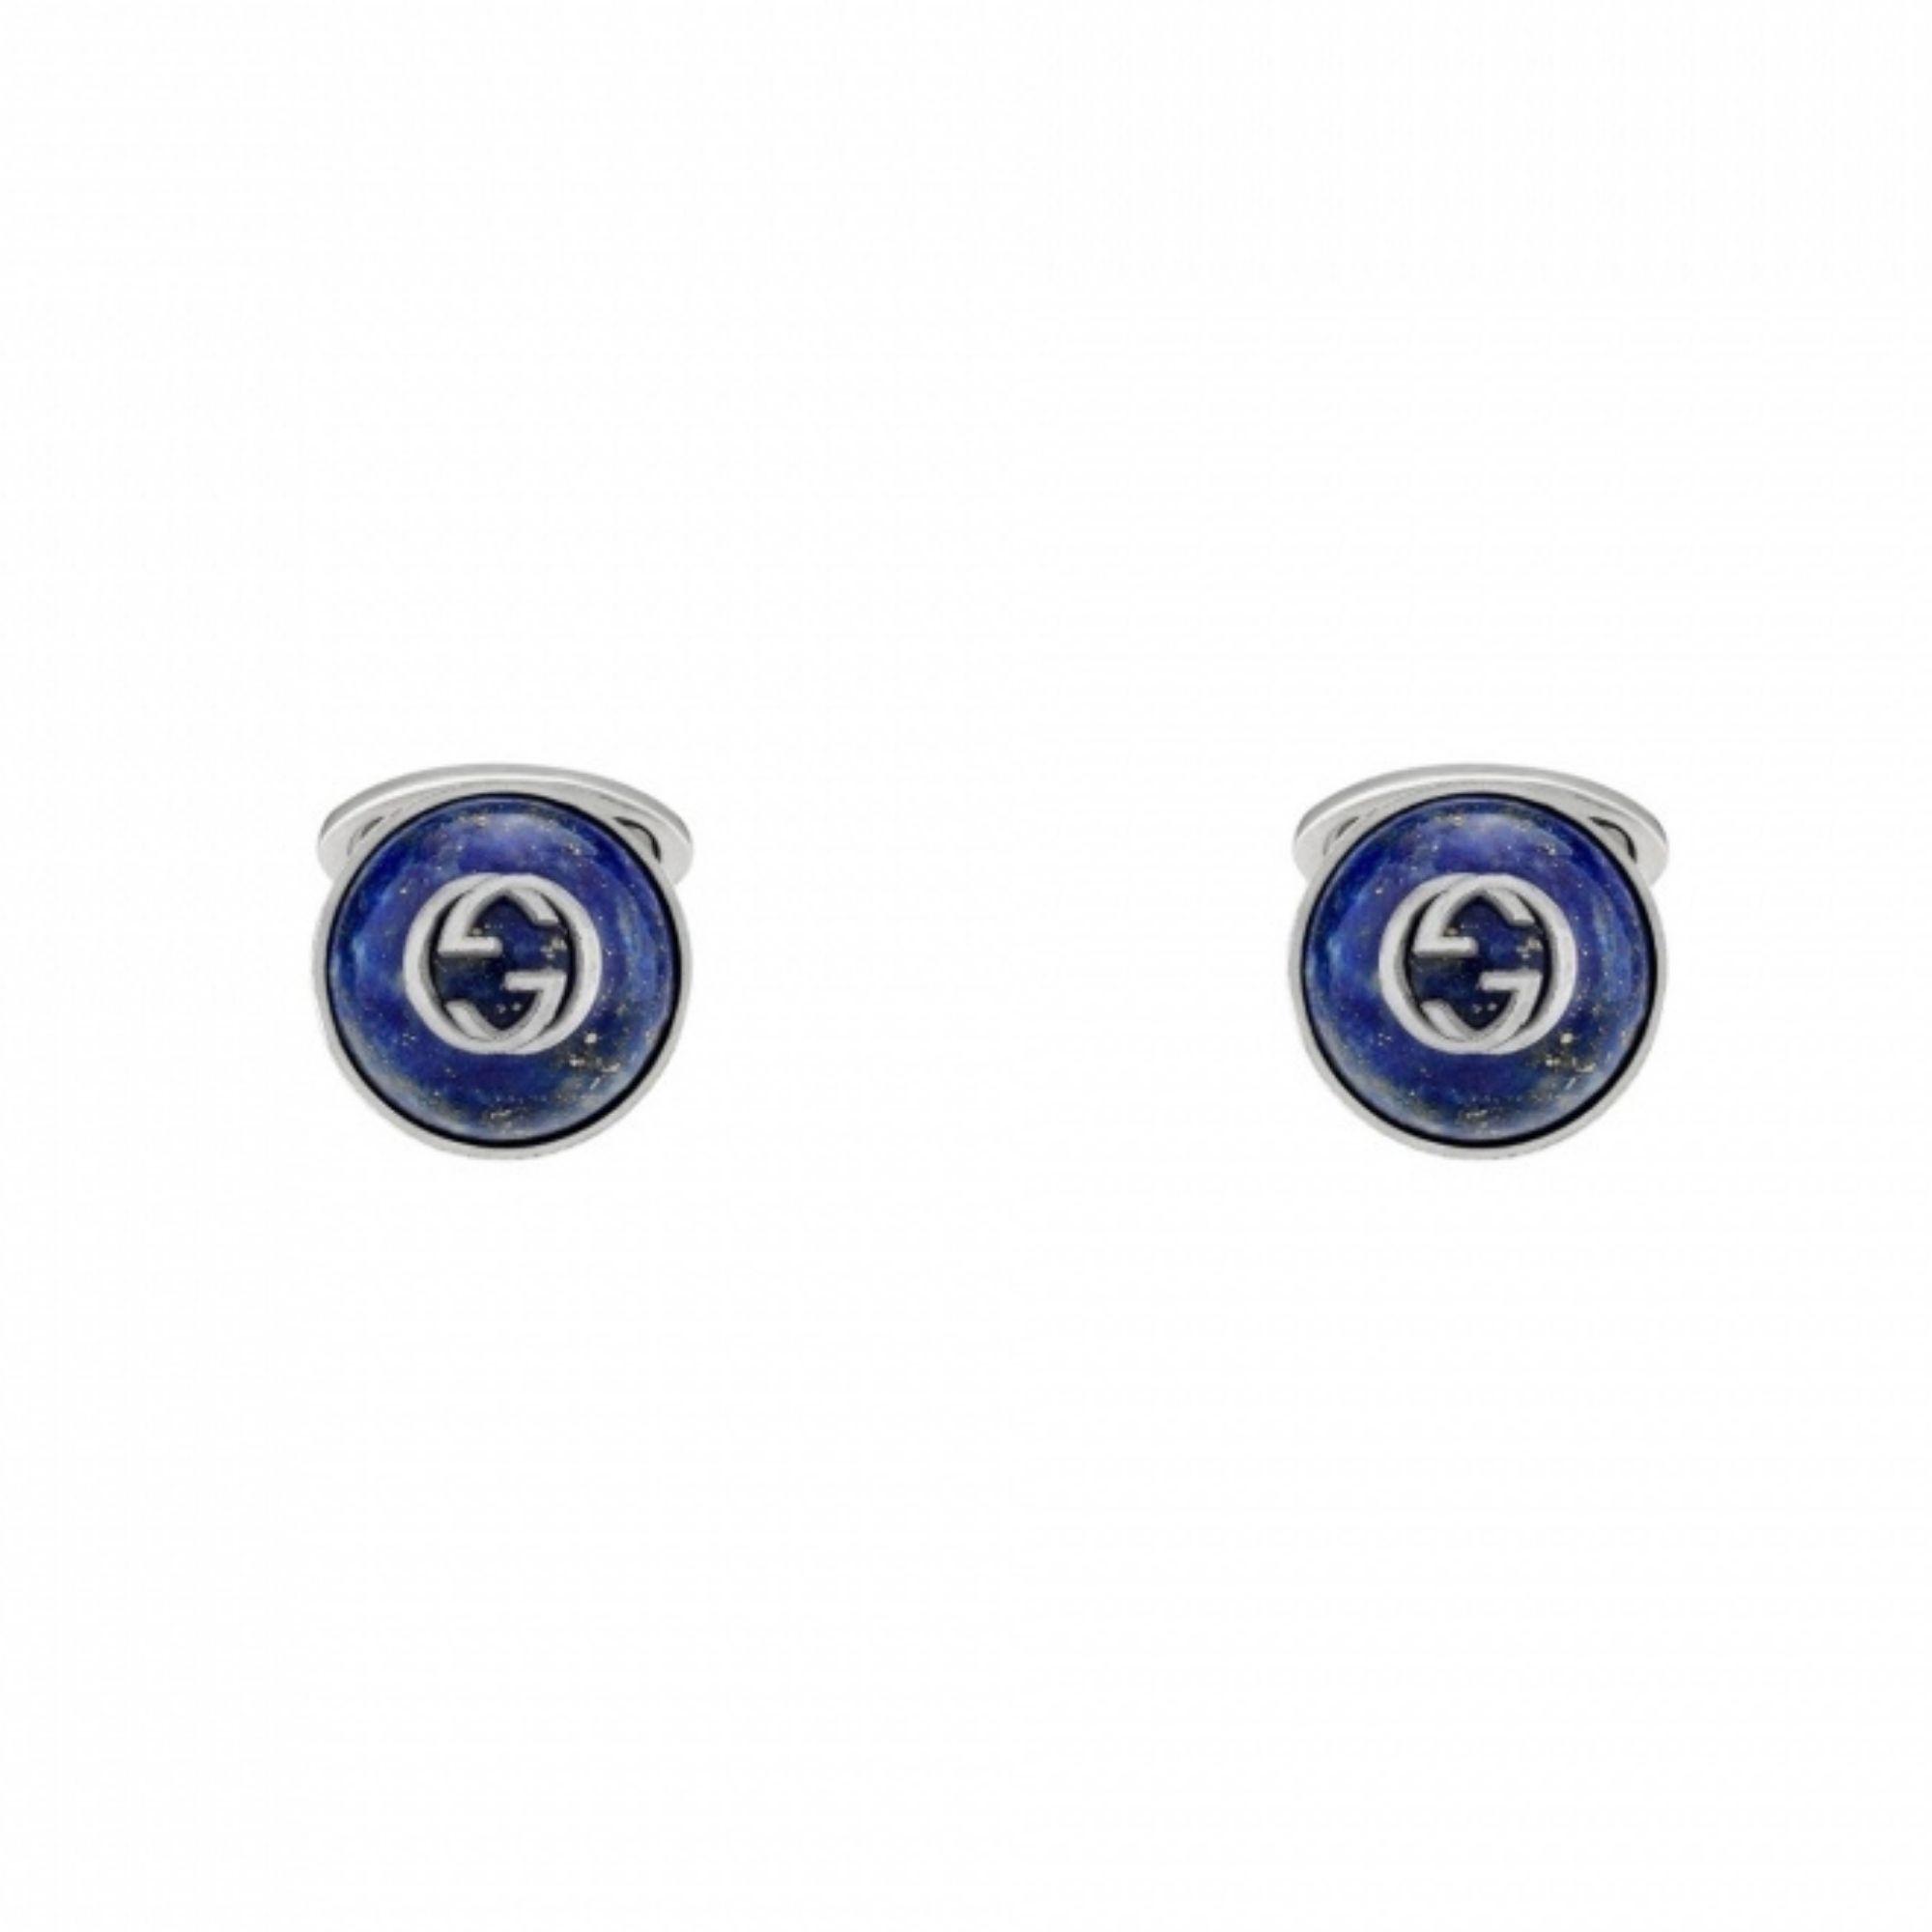 Gemelli-polso-argento-GUCCI-GG-e-Lapislazzuli-645589-I5930-8136-GUCCI-cufflinks-sconto-discount-silver